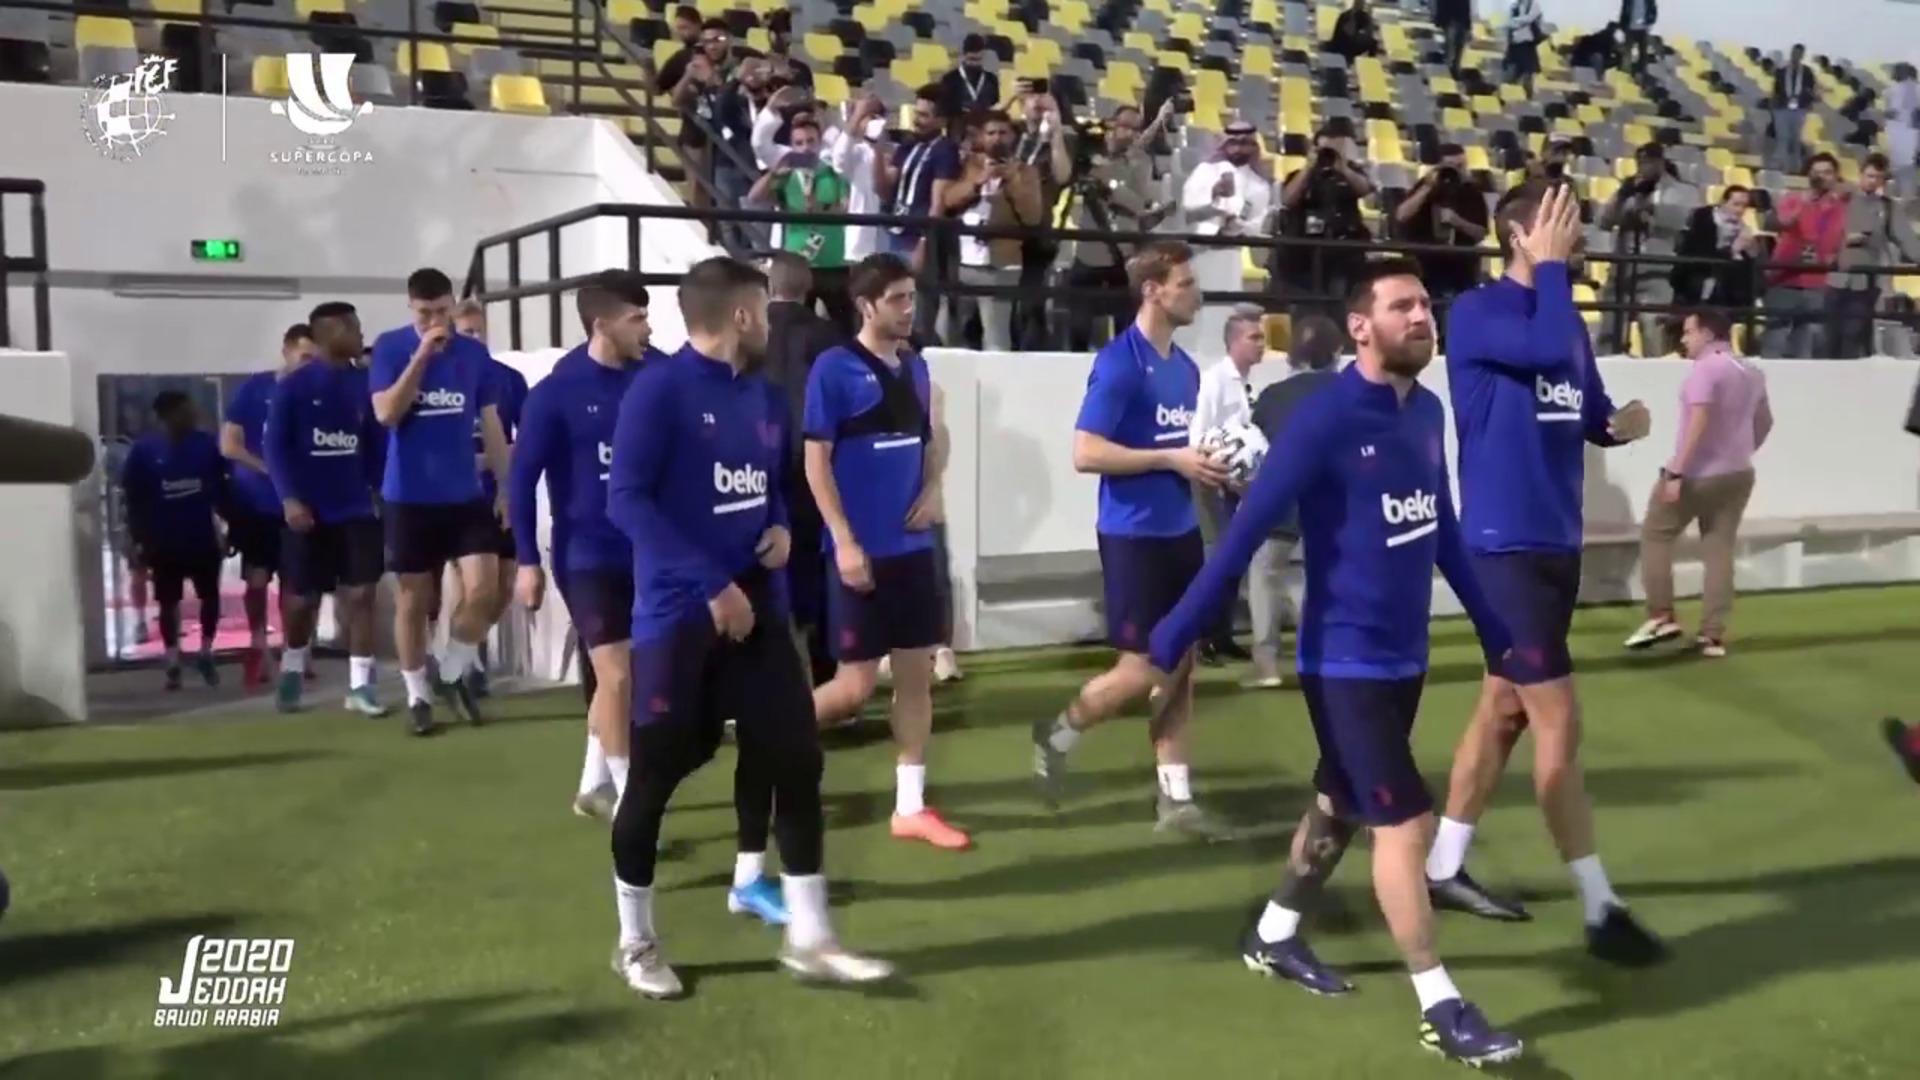 Messi confirma una reducción salarial y que ayudarán a los empleados